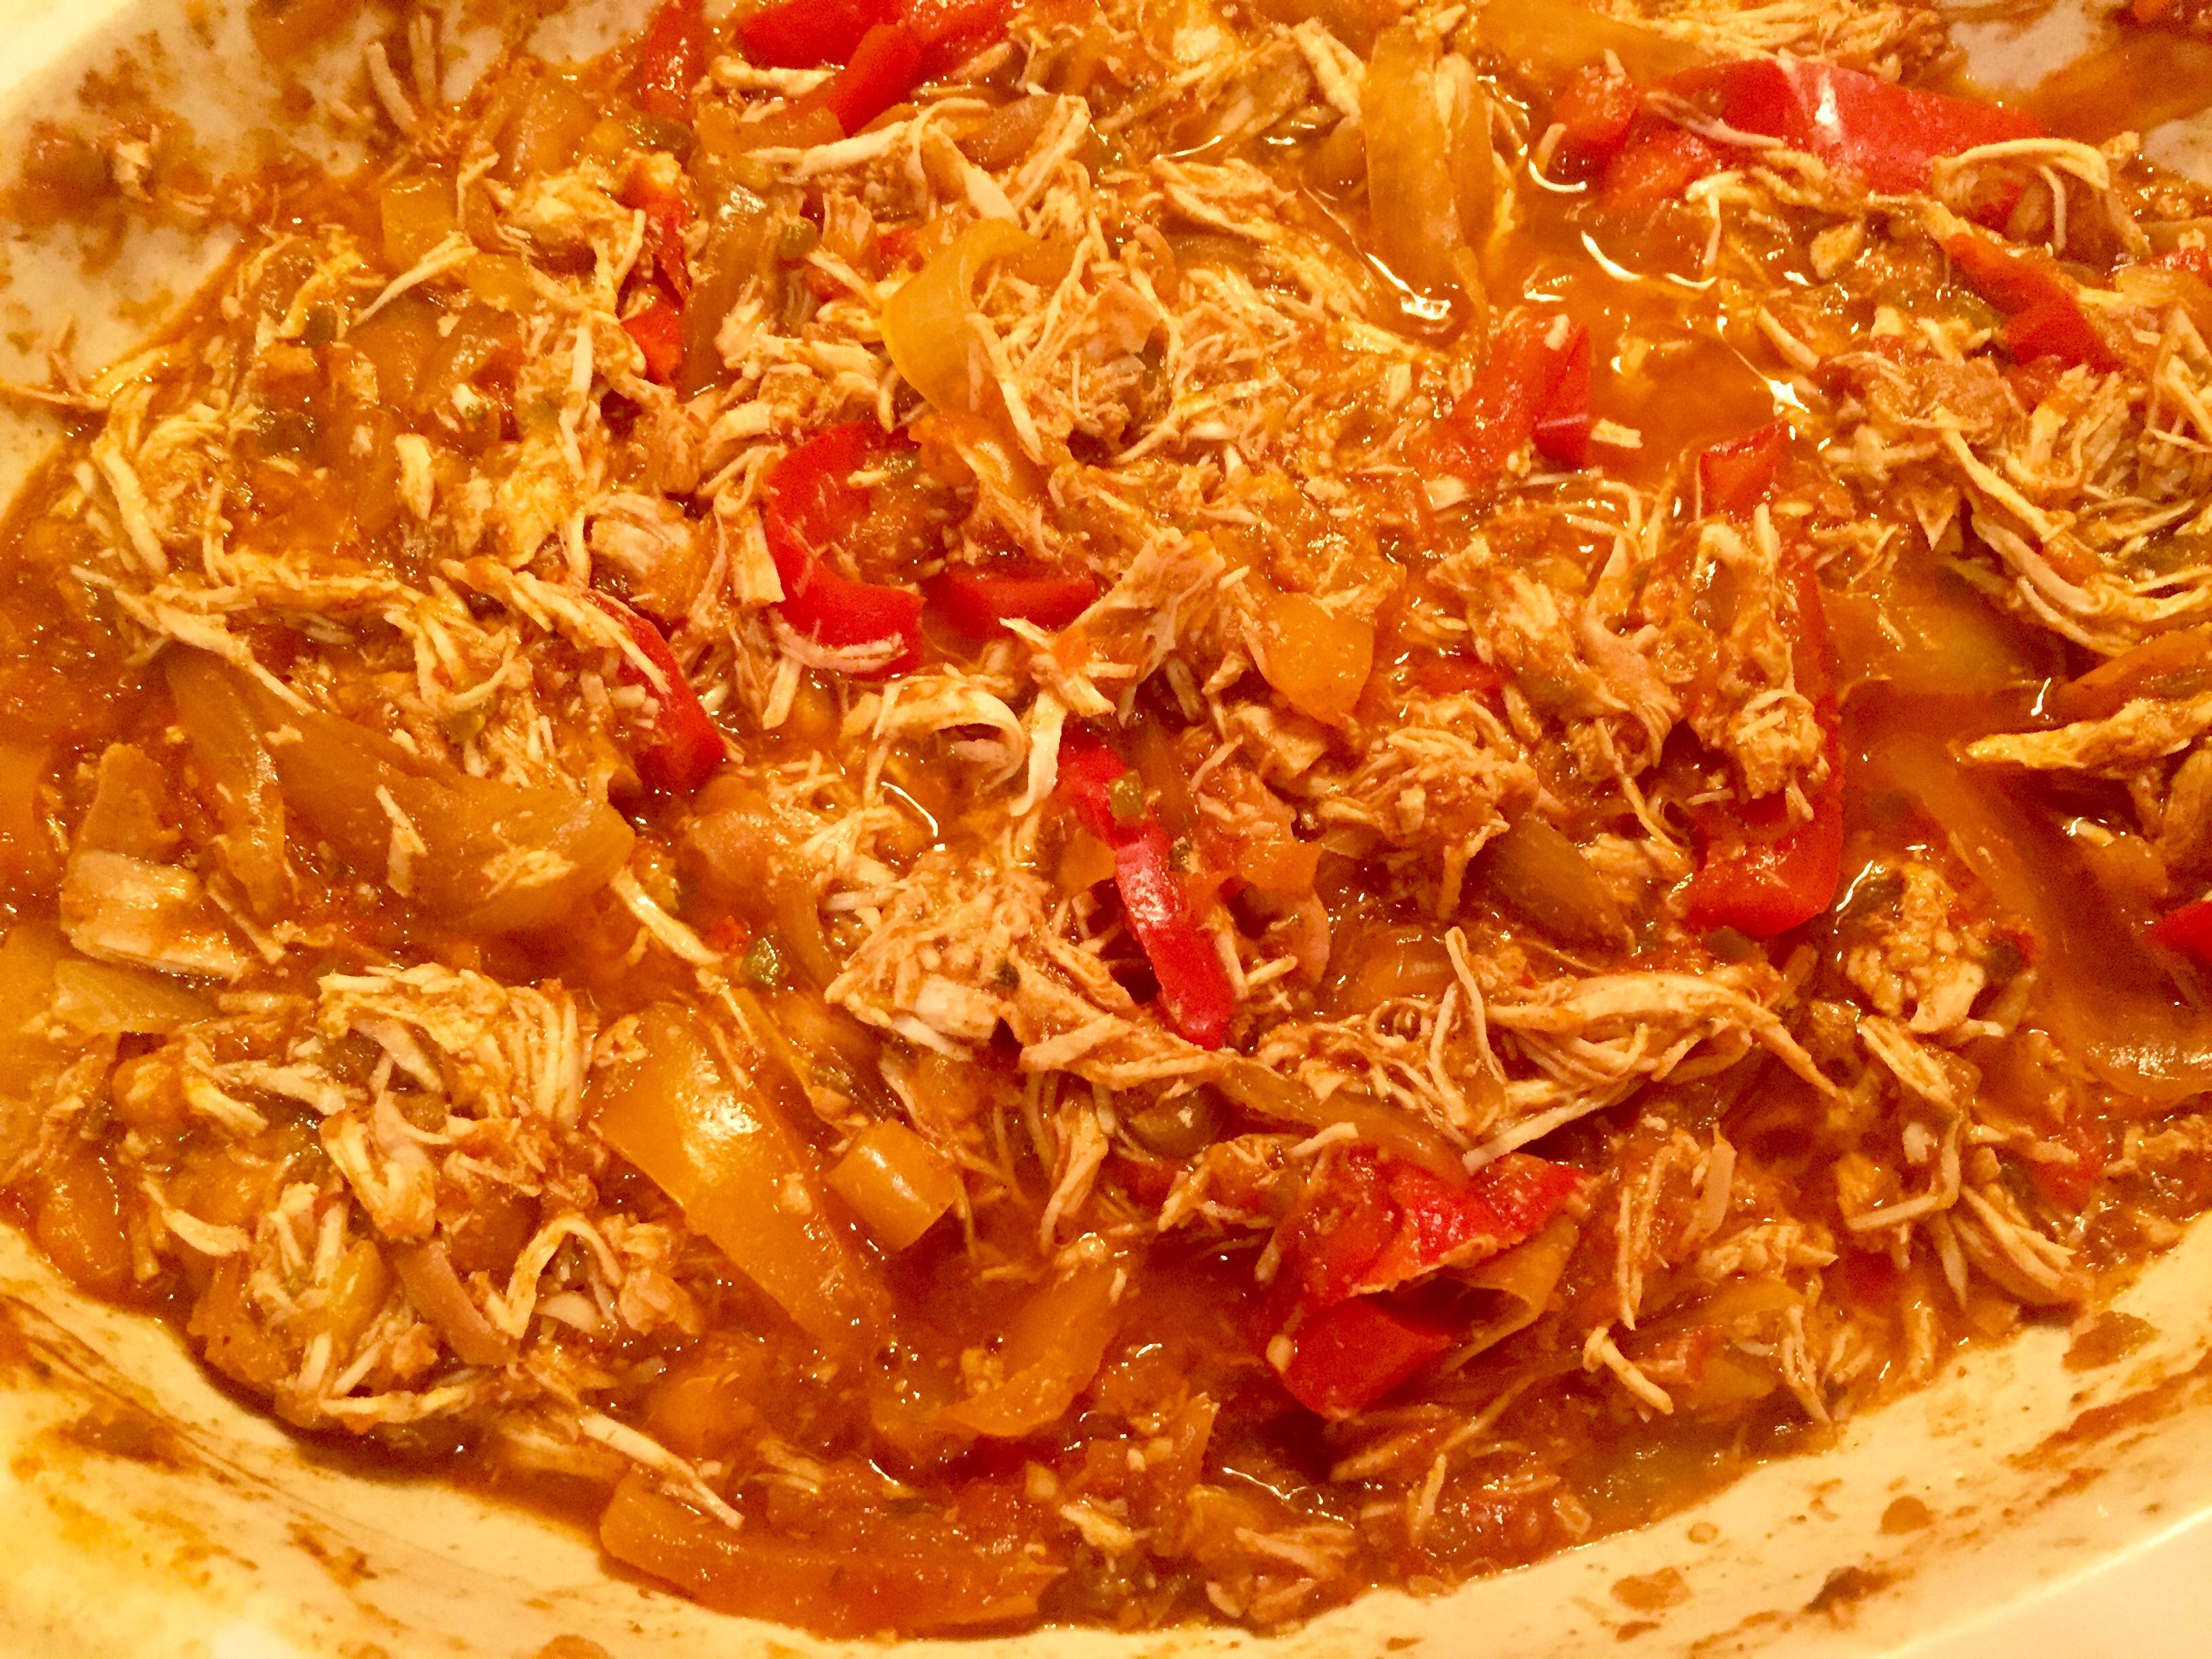 Karen's Slow Cooker Chicken Fajitas